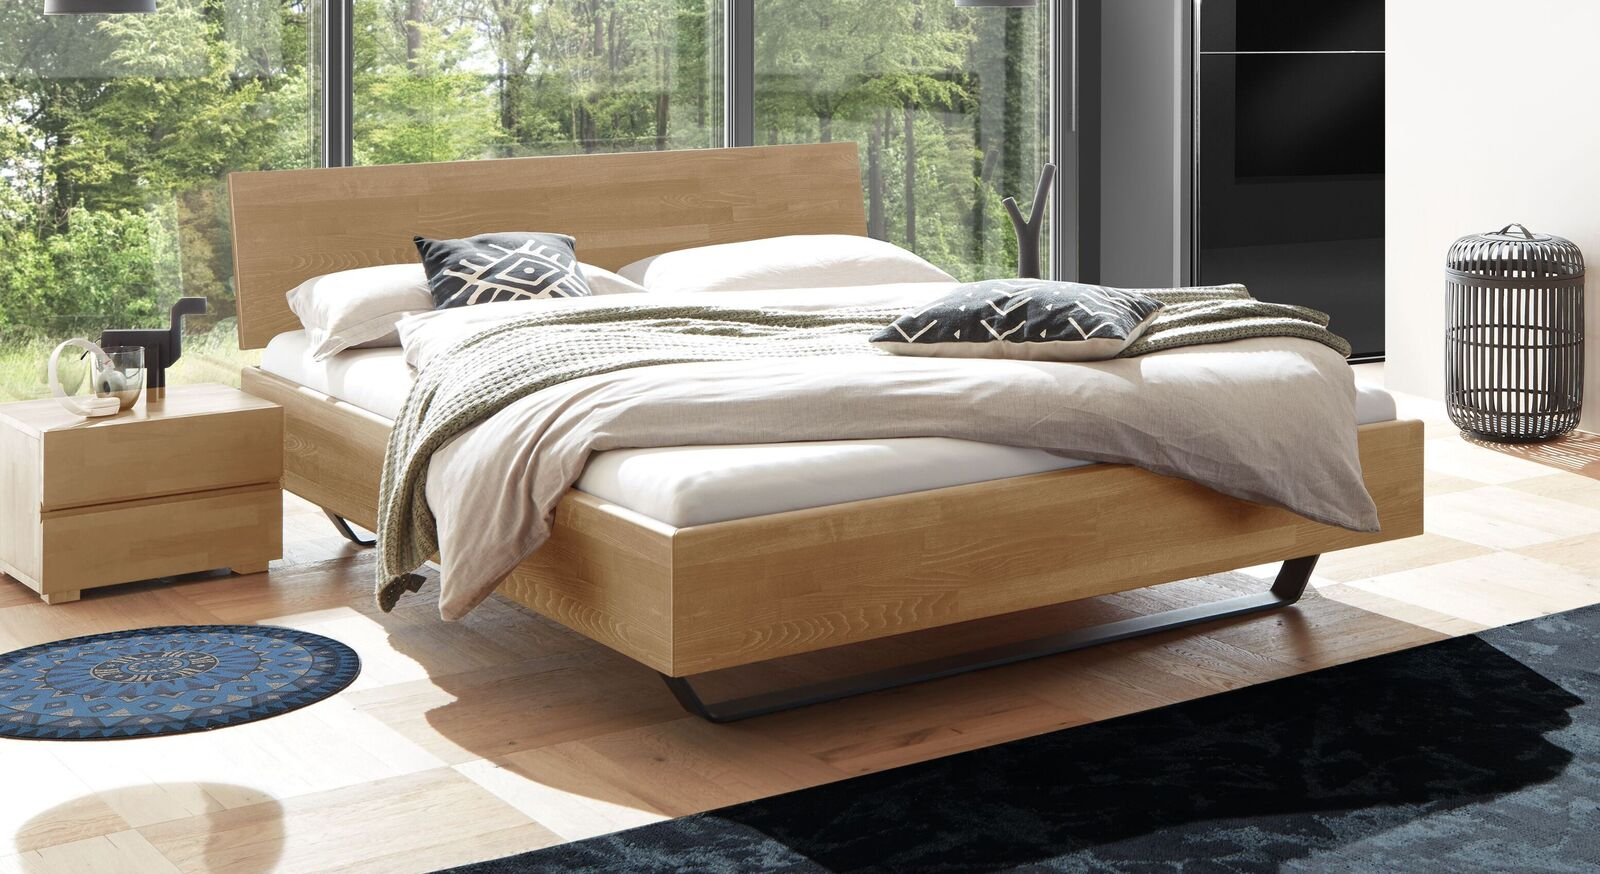 Bett Honoka aus massivem Buchenholz in Natur